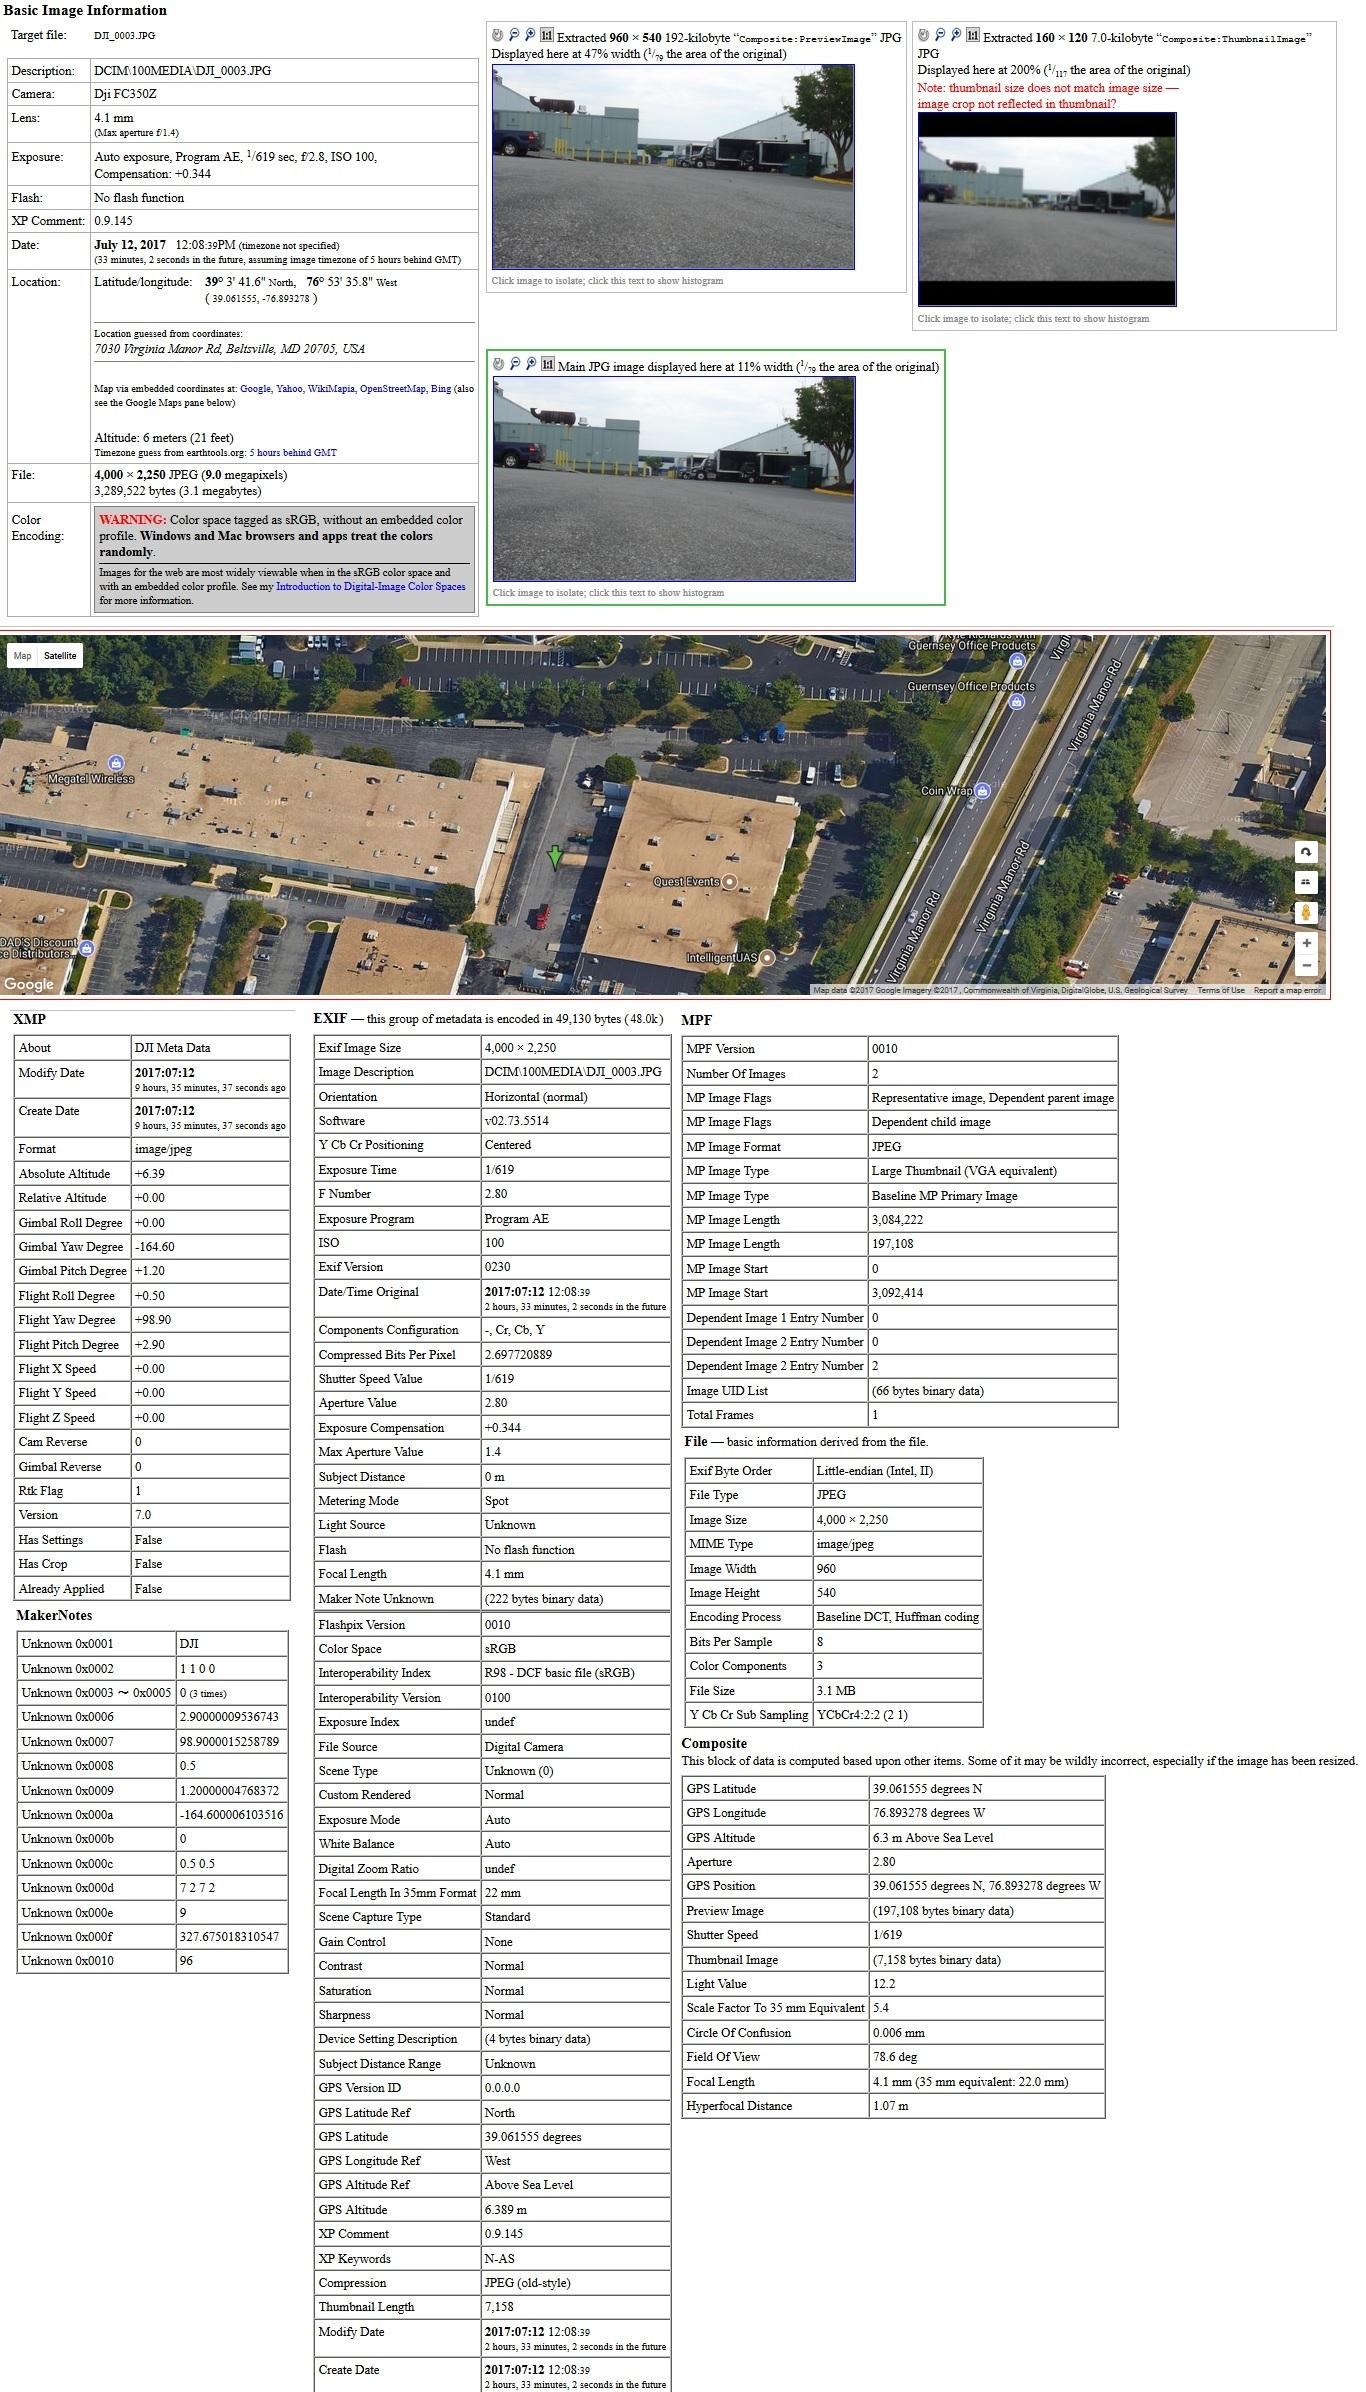 DJI RTK IMAGE Metadata Report